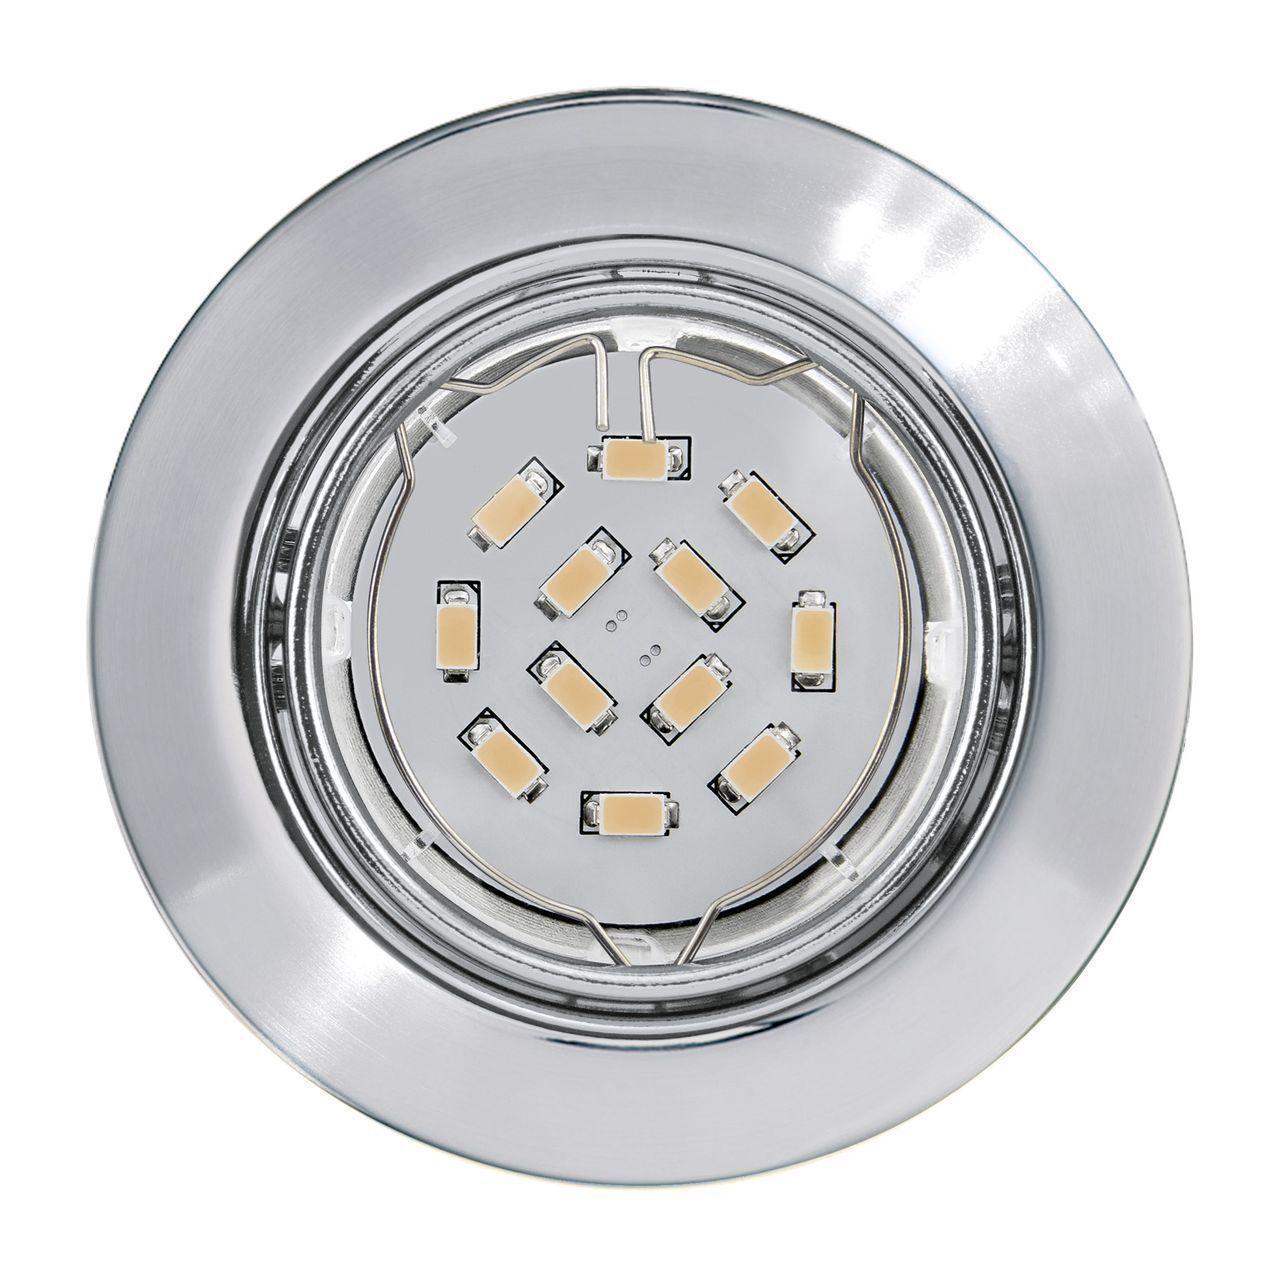 Встраиваемый светильник Eglo Peneto 94241 eglo встраиваемый светильник eglo peneto 94239